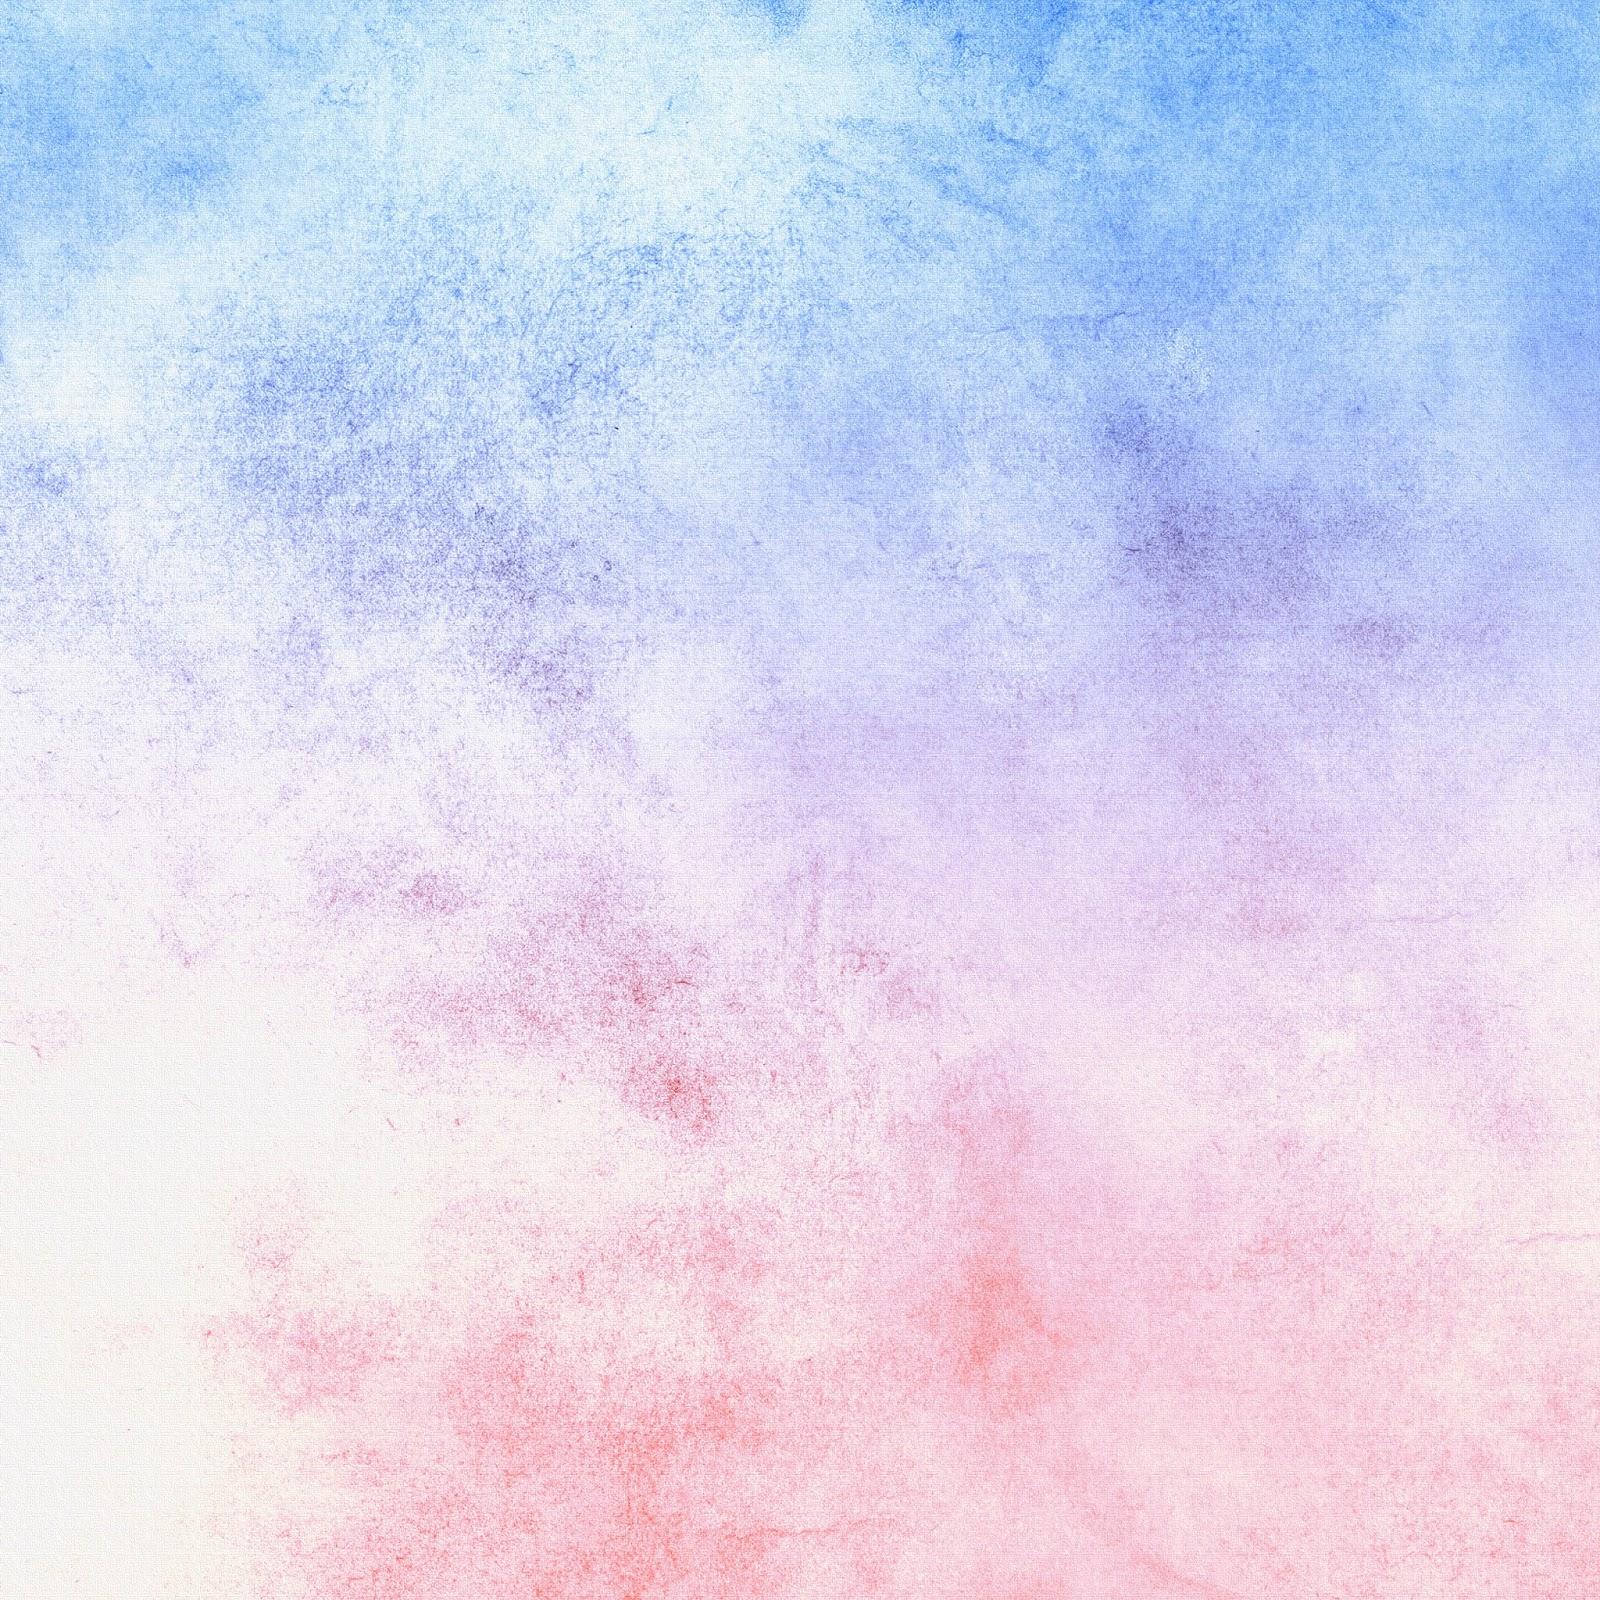 Iphone 8 Wallpaper Hd ღfondos De Pantalla Y Mucho M 225 Sღ Fondos De Colores